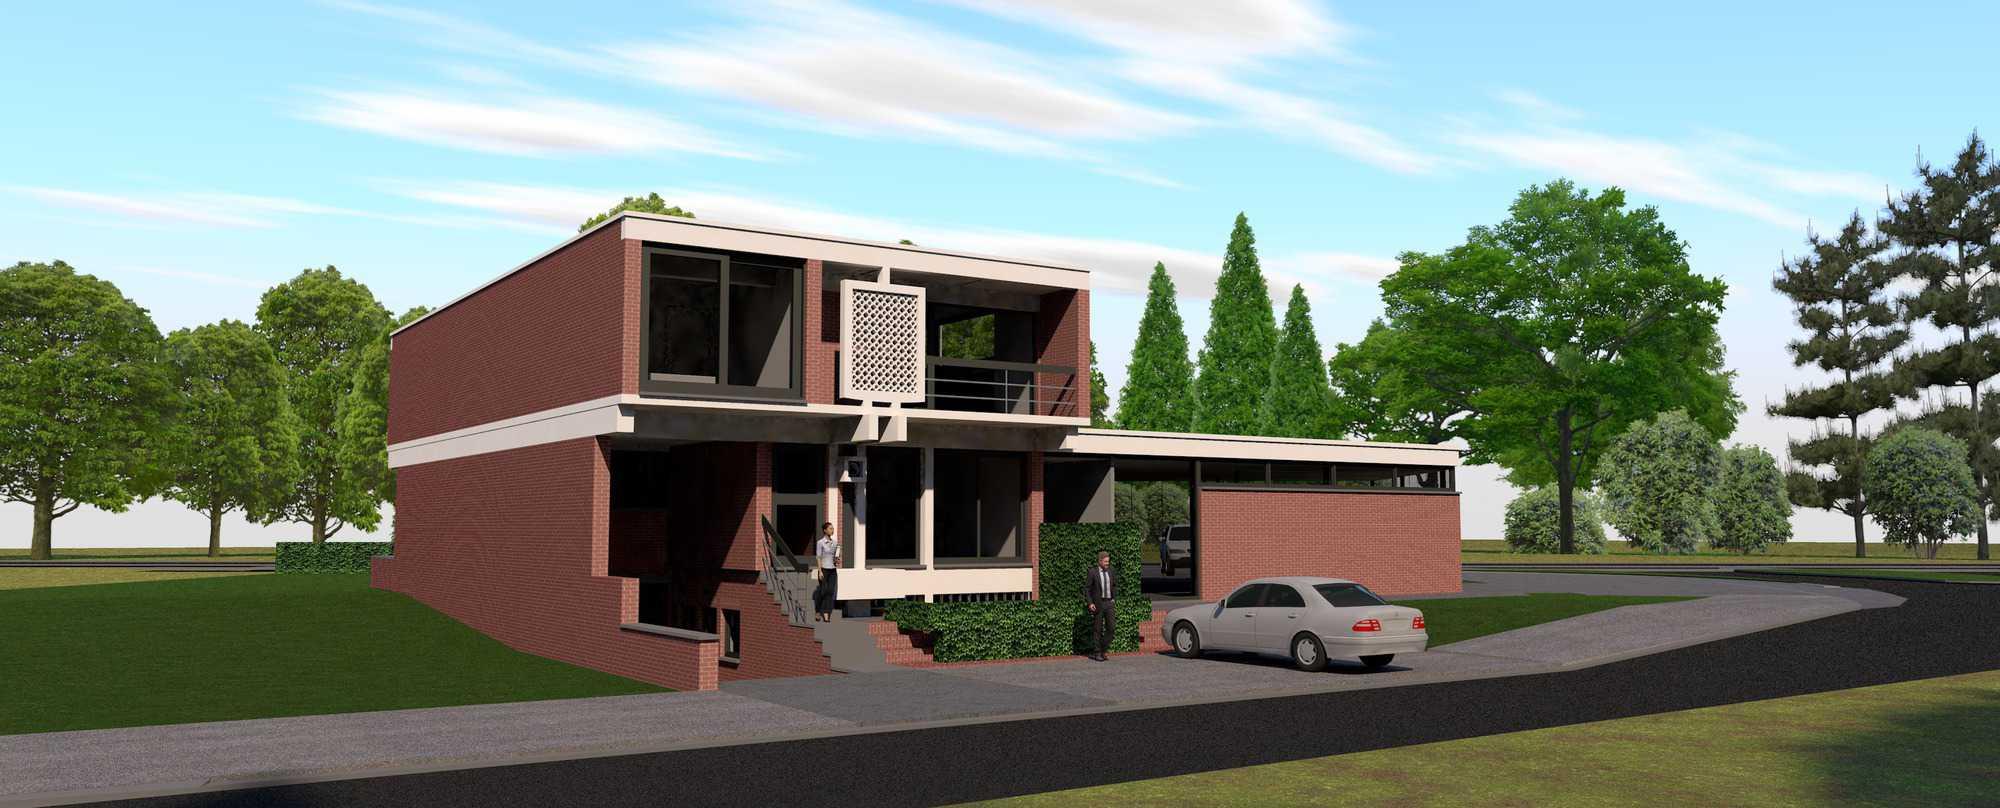 Detail afbeelding 9 van Verbouwing Modernistische Villa | Ontwerp door architect Patrick Strackx